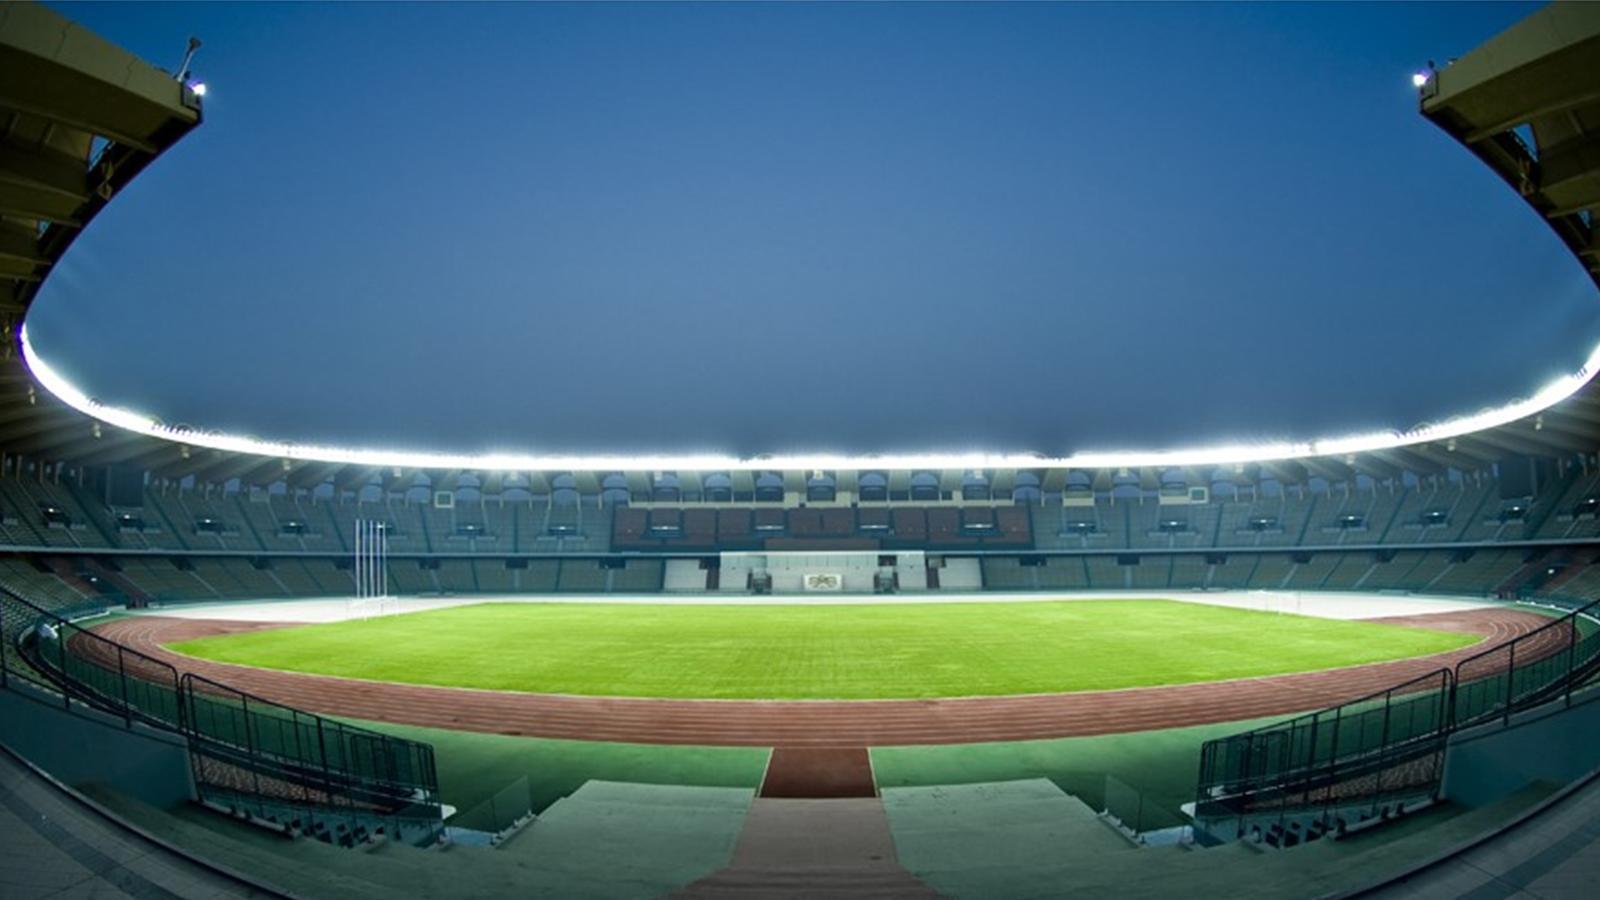 الإمارات تضع 11 ملعبا تحت الإختبار لإستضافة بطولة آسيا لكرة القدم 2019